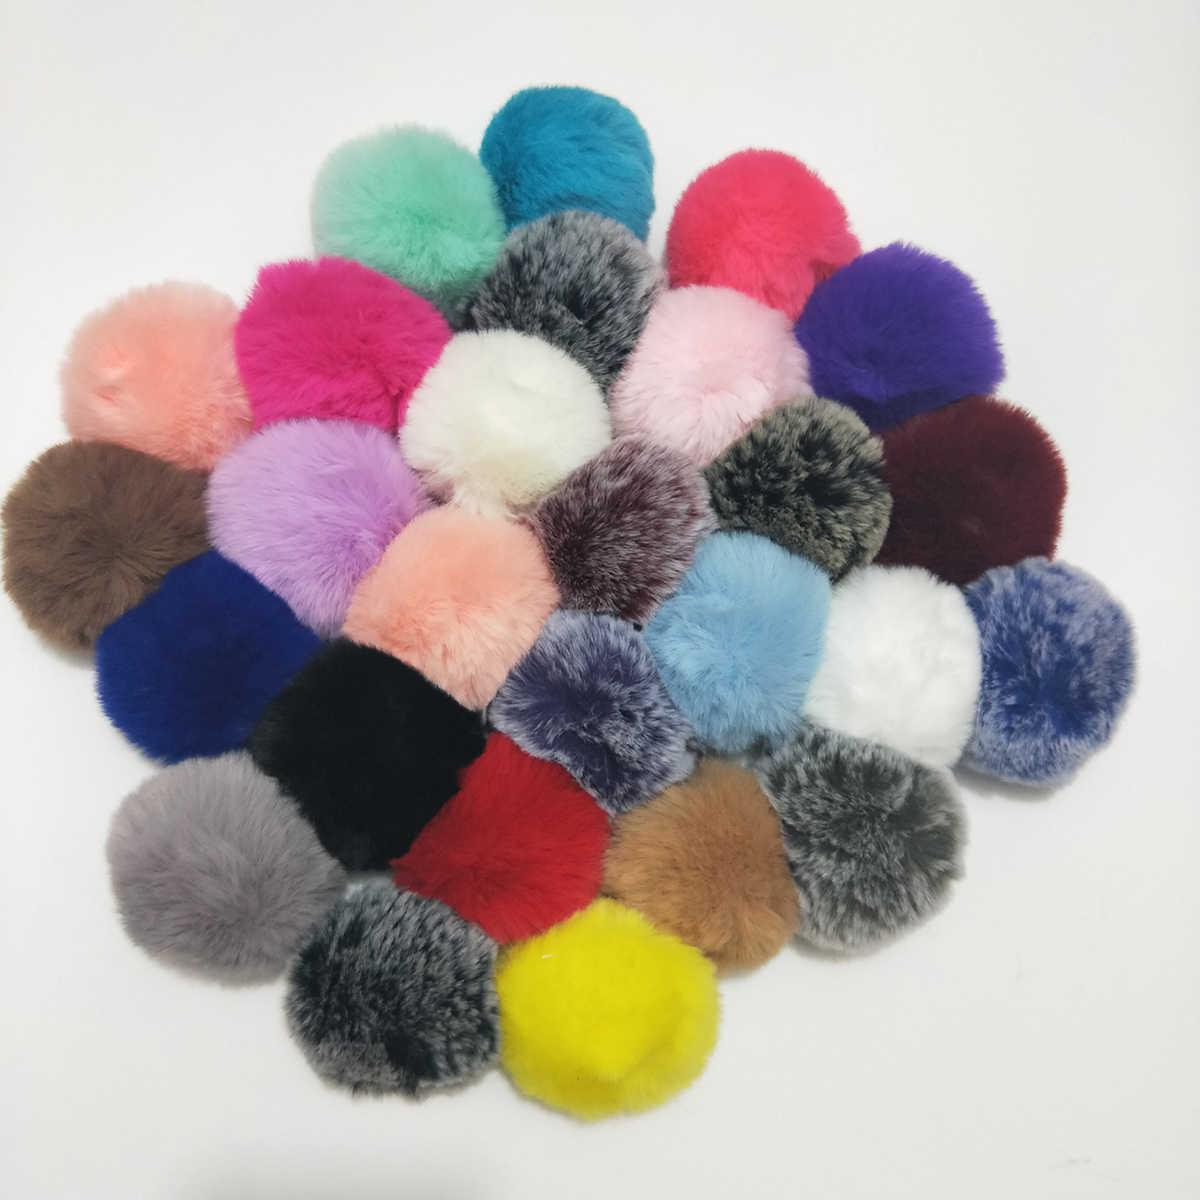 2018 Simples Chaveiro Bola De Pêlo Pompom Pompom Chaveiro Saco Chaveiro Carro Coelho Artificial Peles De Animais Chaveiros para Mulher 27 cores